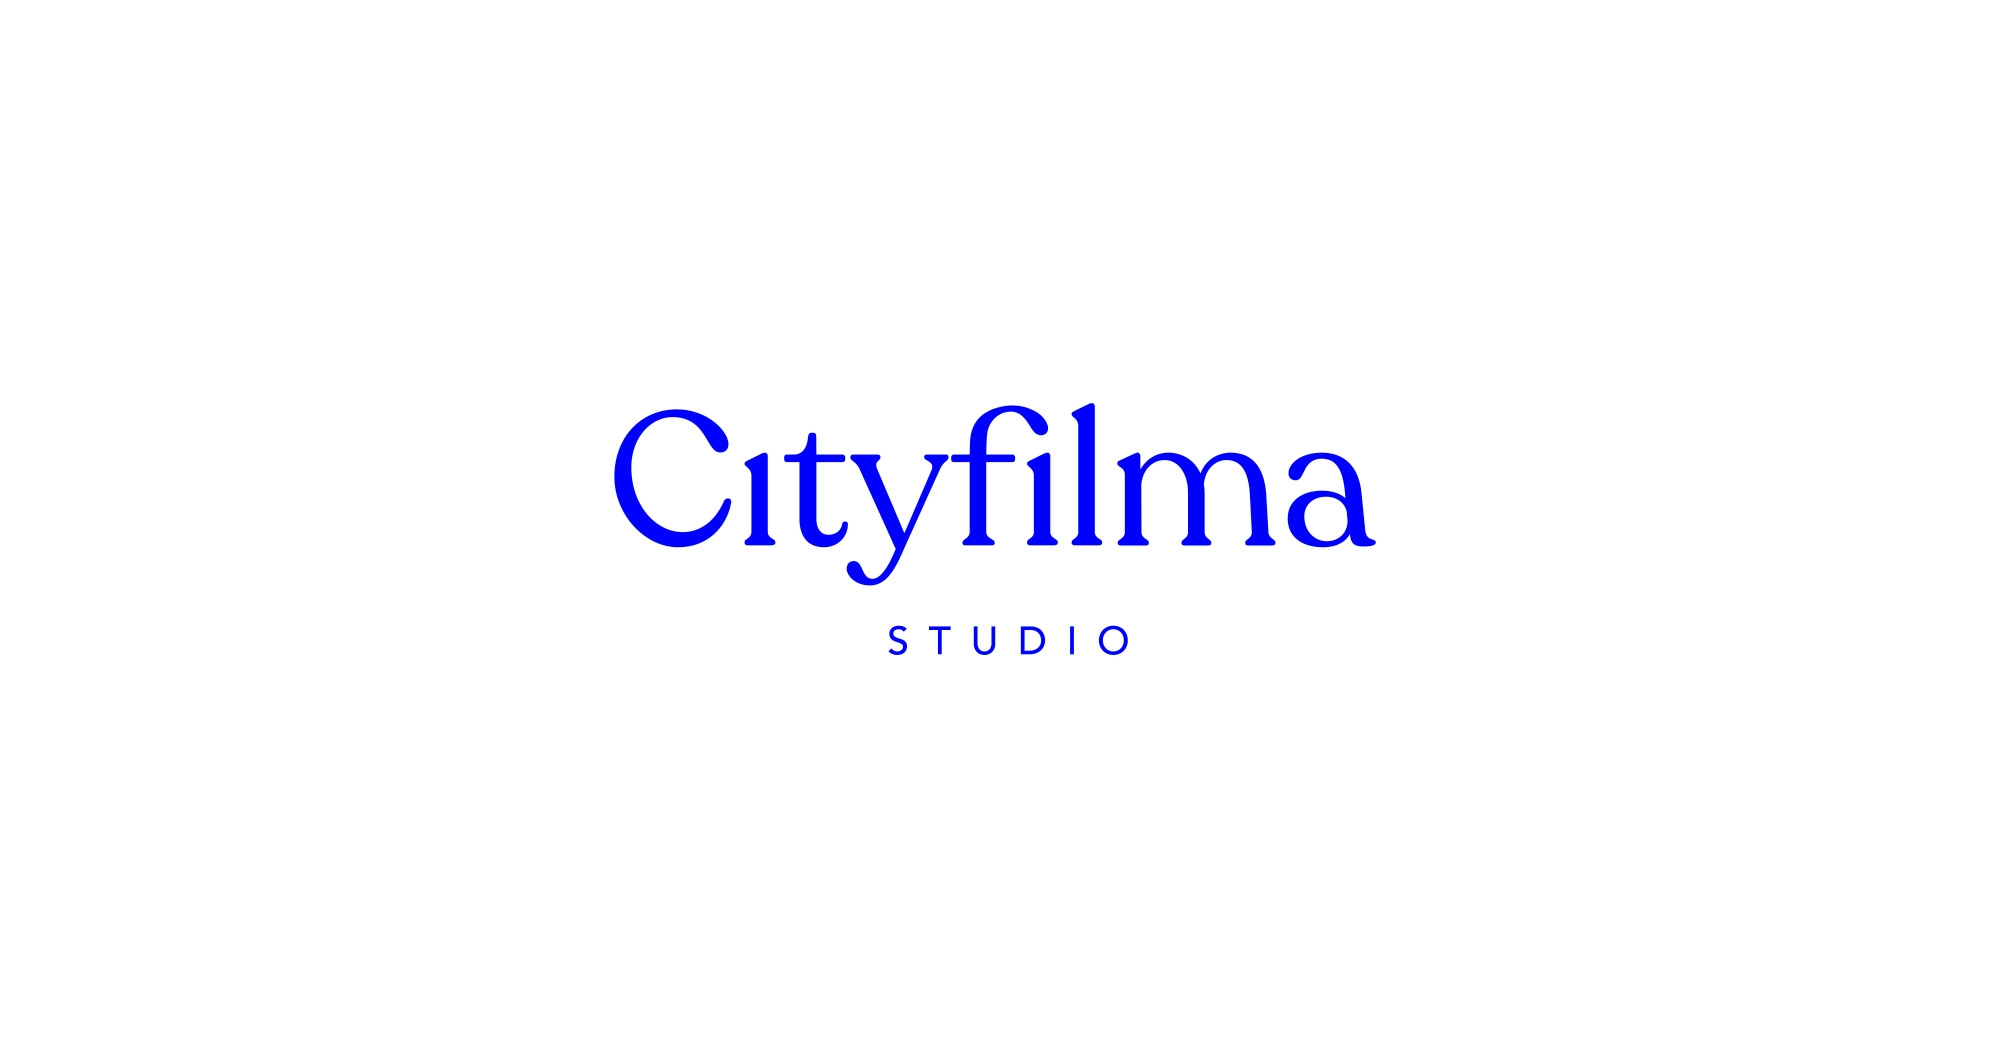 logotipo identidad estudio foto